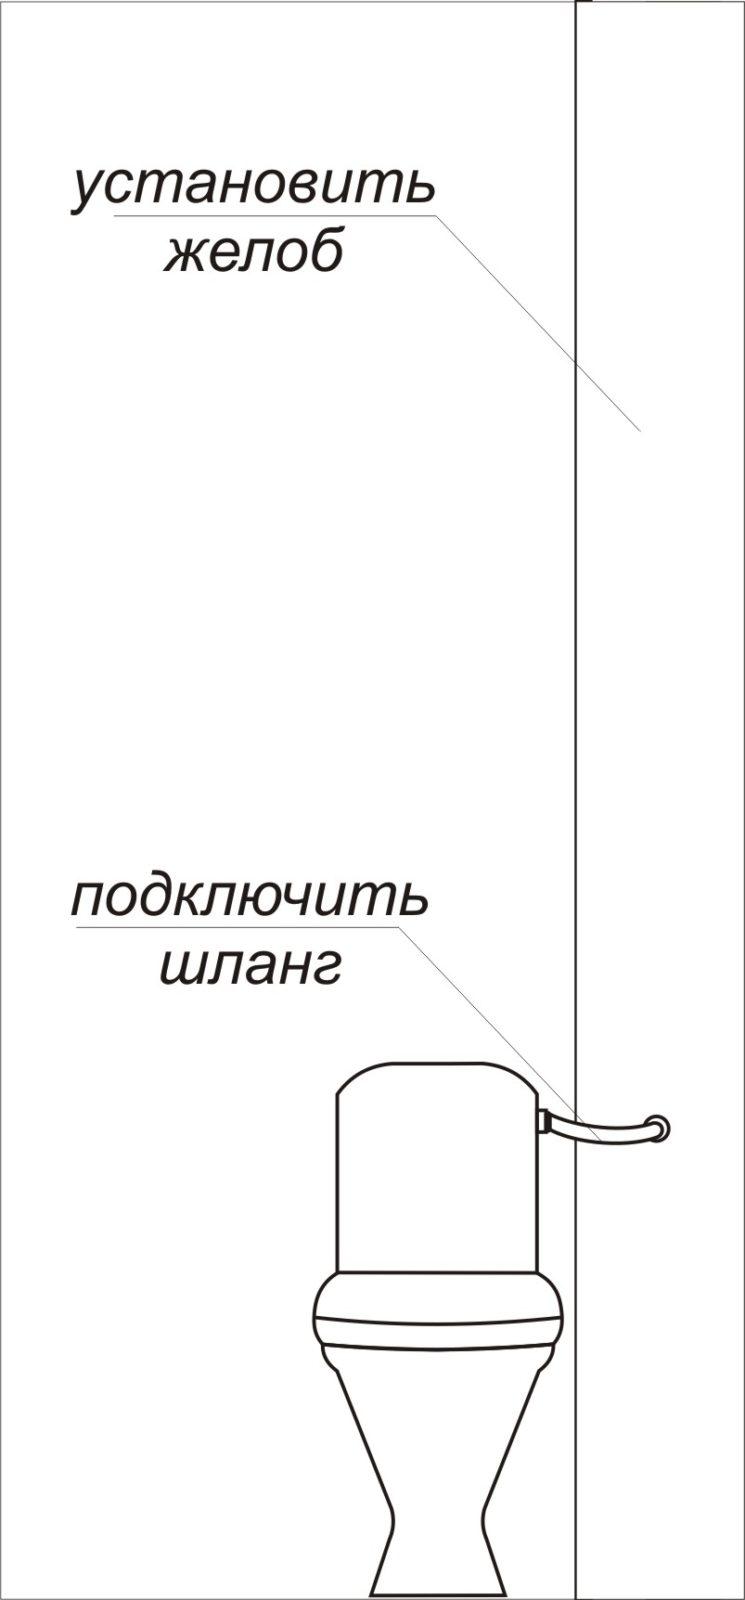 Инструкция по маскировке труб в туалете и ванной комнате